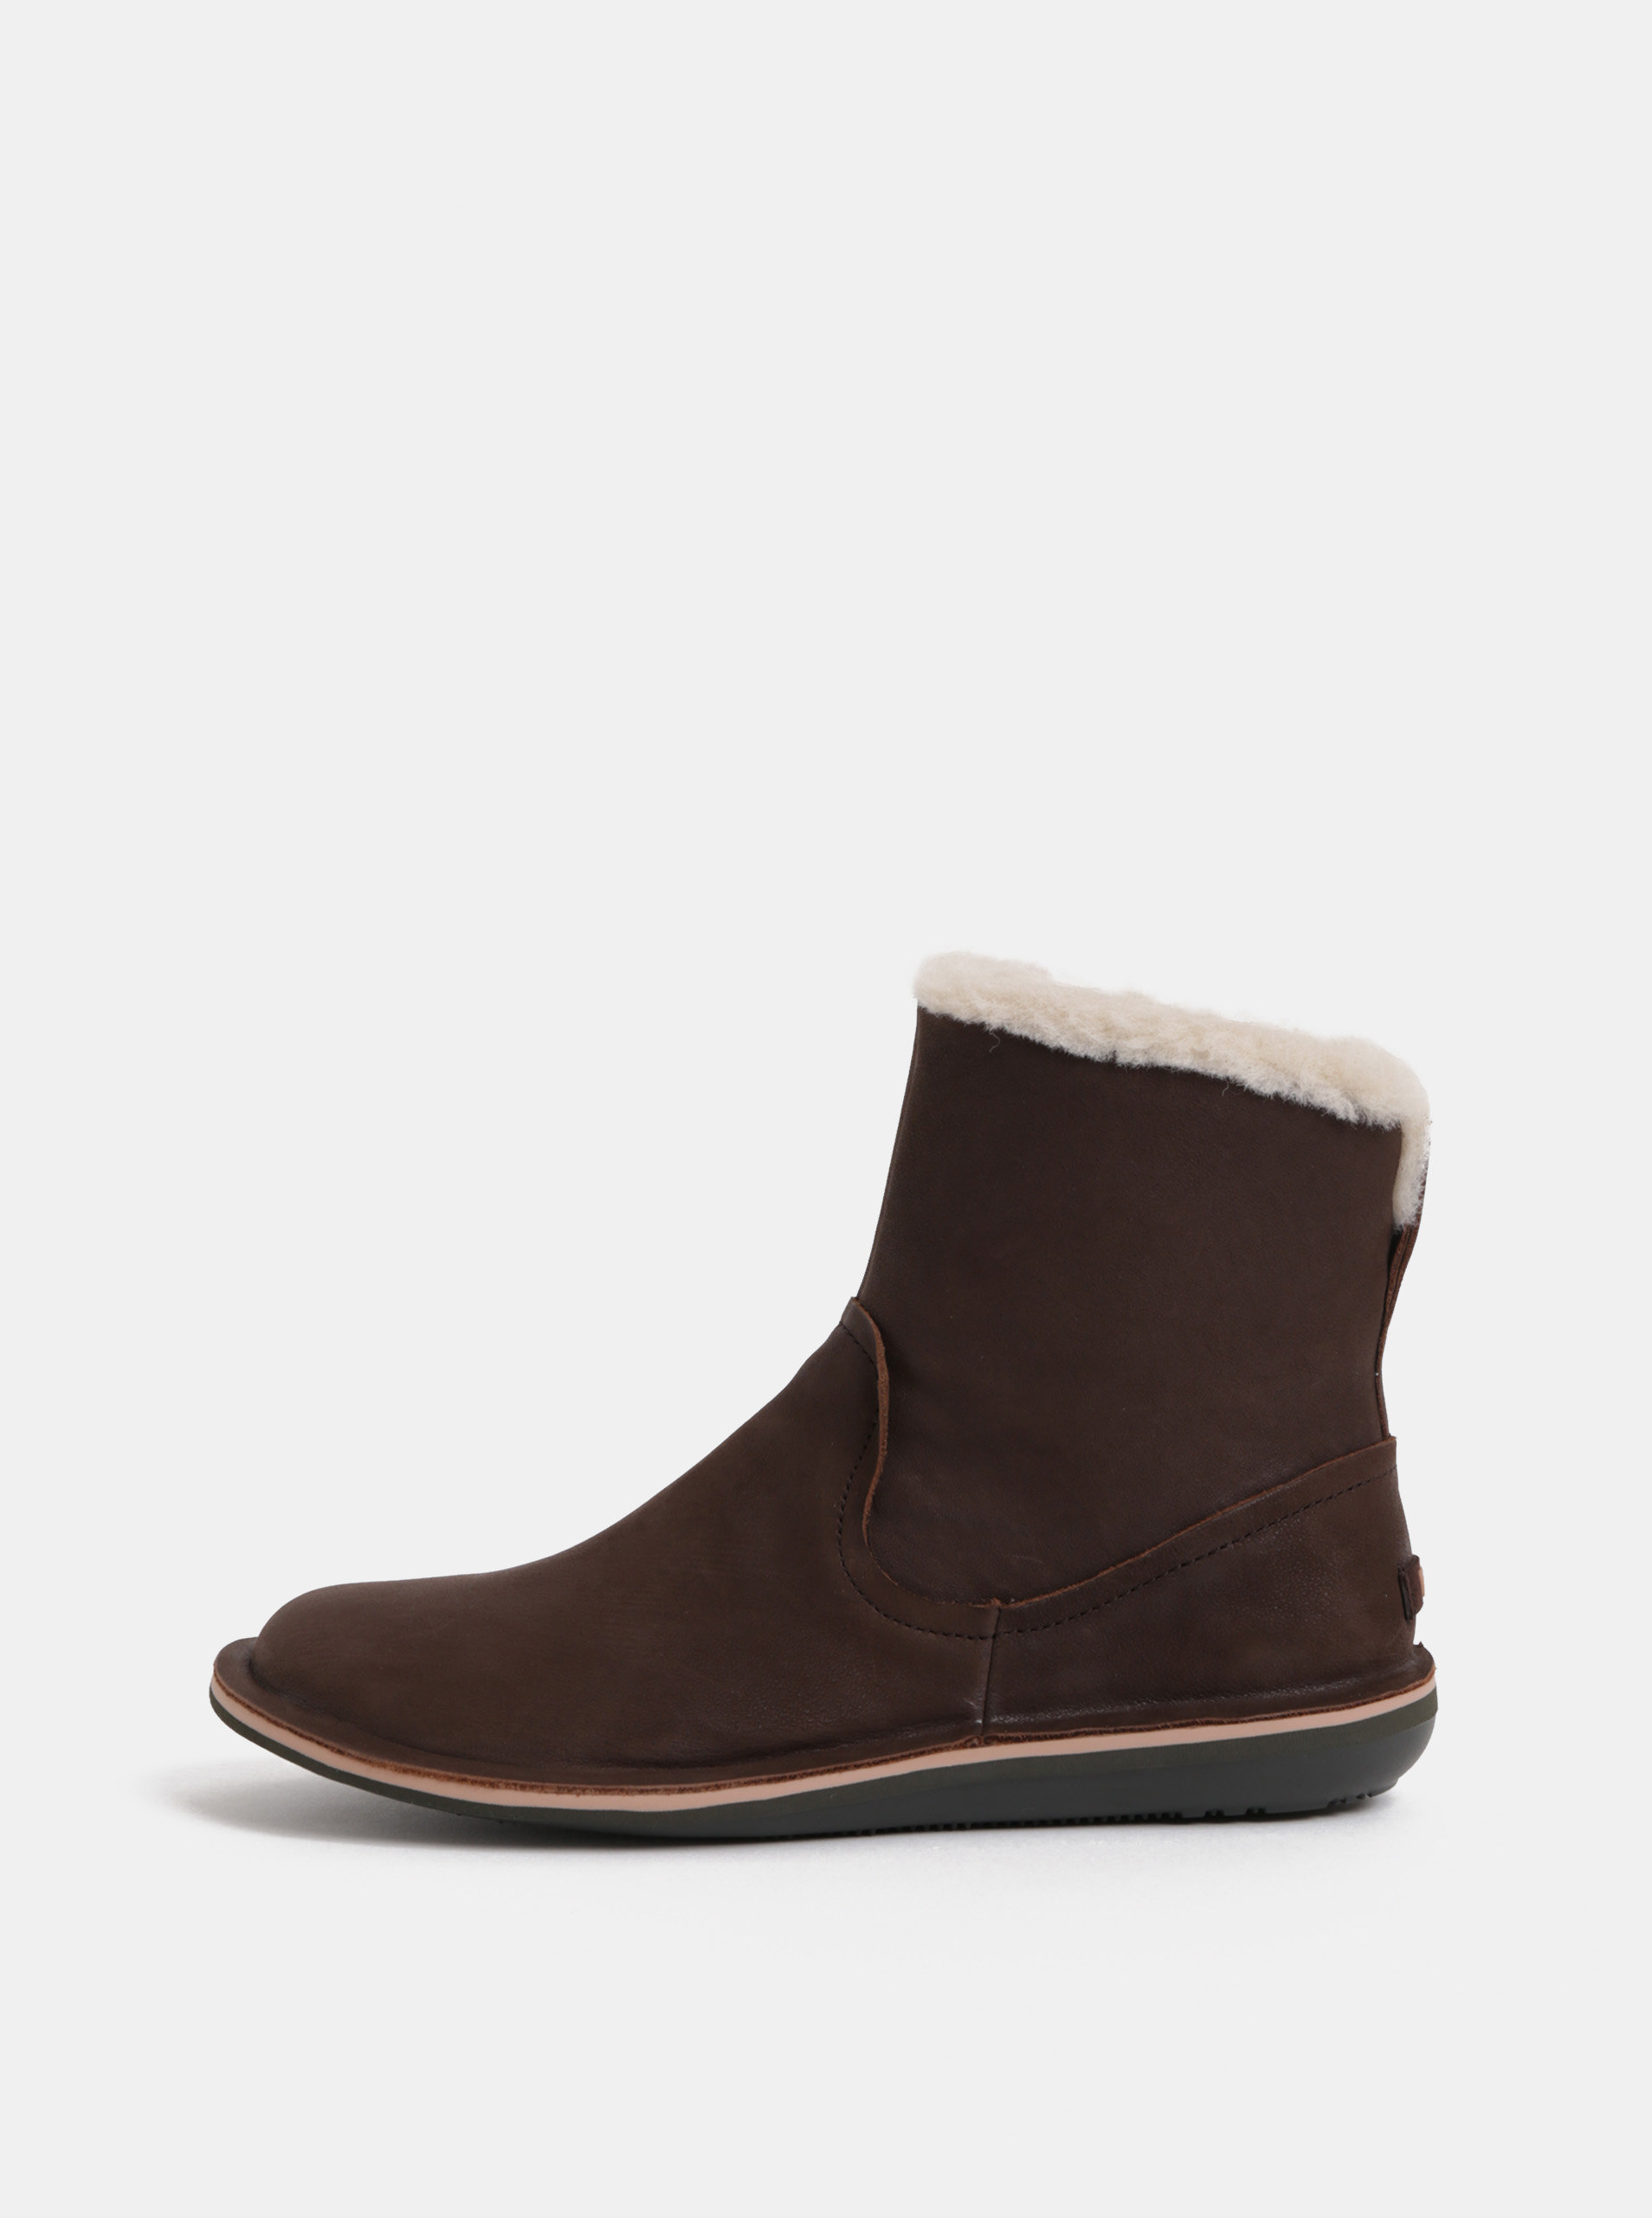 Hnědé dámské kožené boty s vnitřním umělým kožíškem Camper Betle ... 849d97e8fb